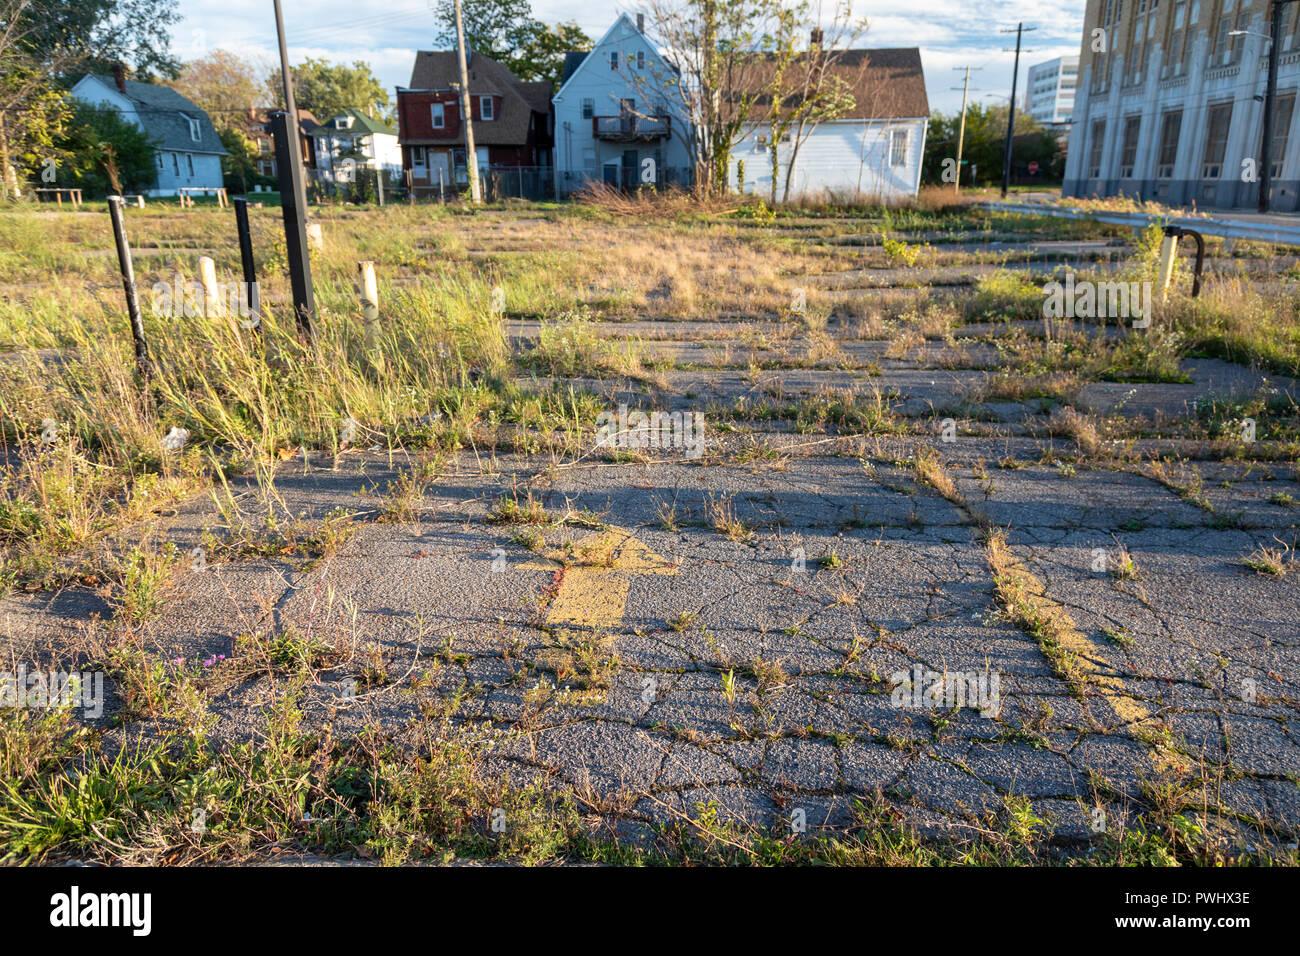 Detroit, Michigan - Un abbandonato AT&T dipendente parcheggio. Immagini Stock